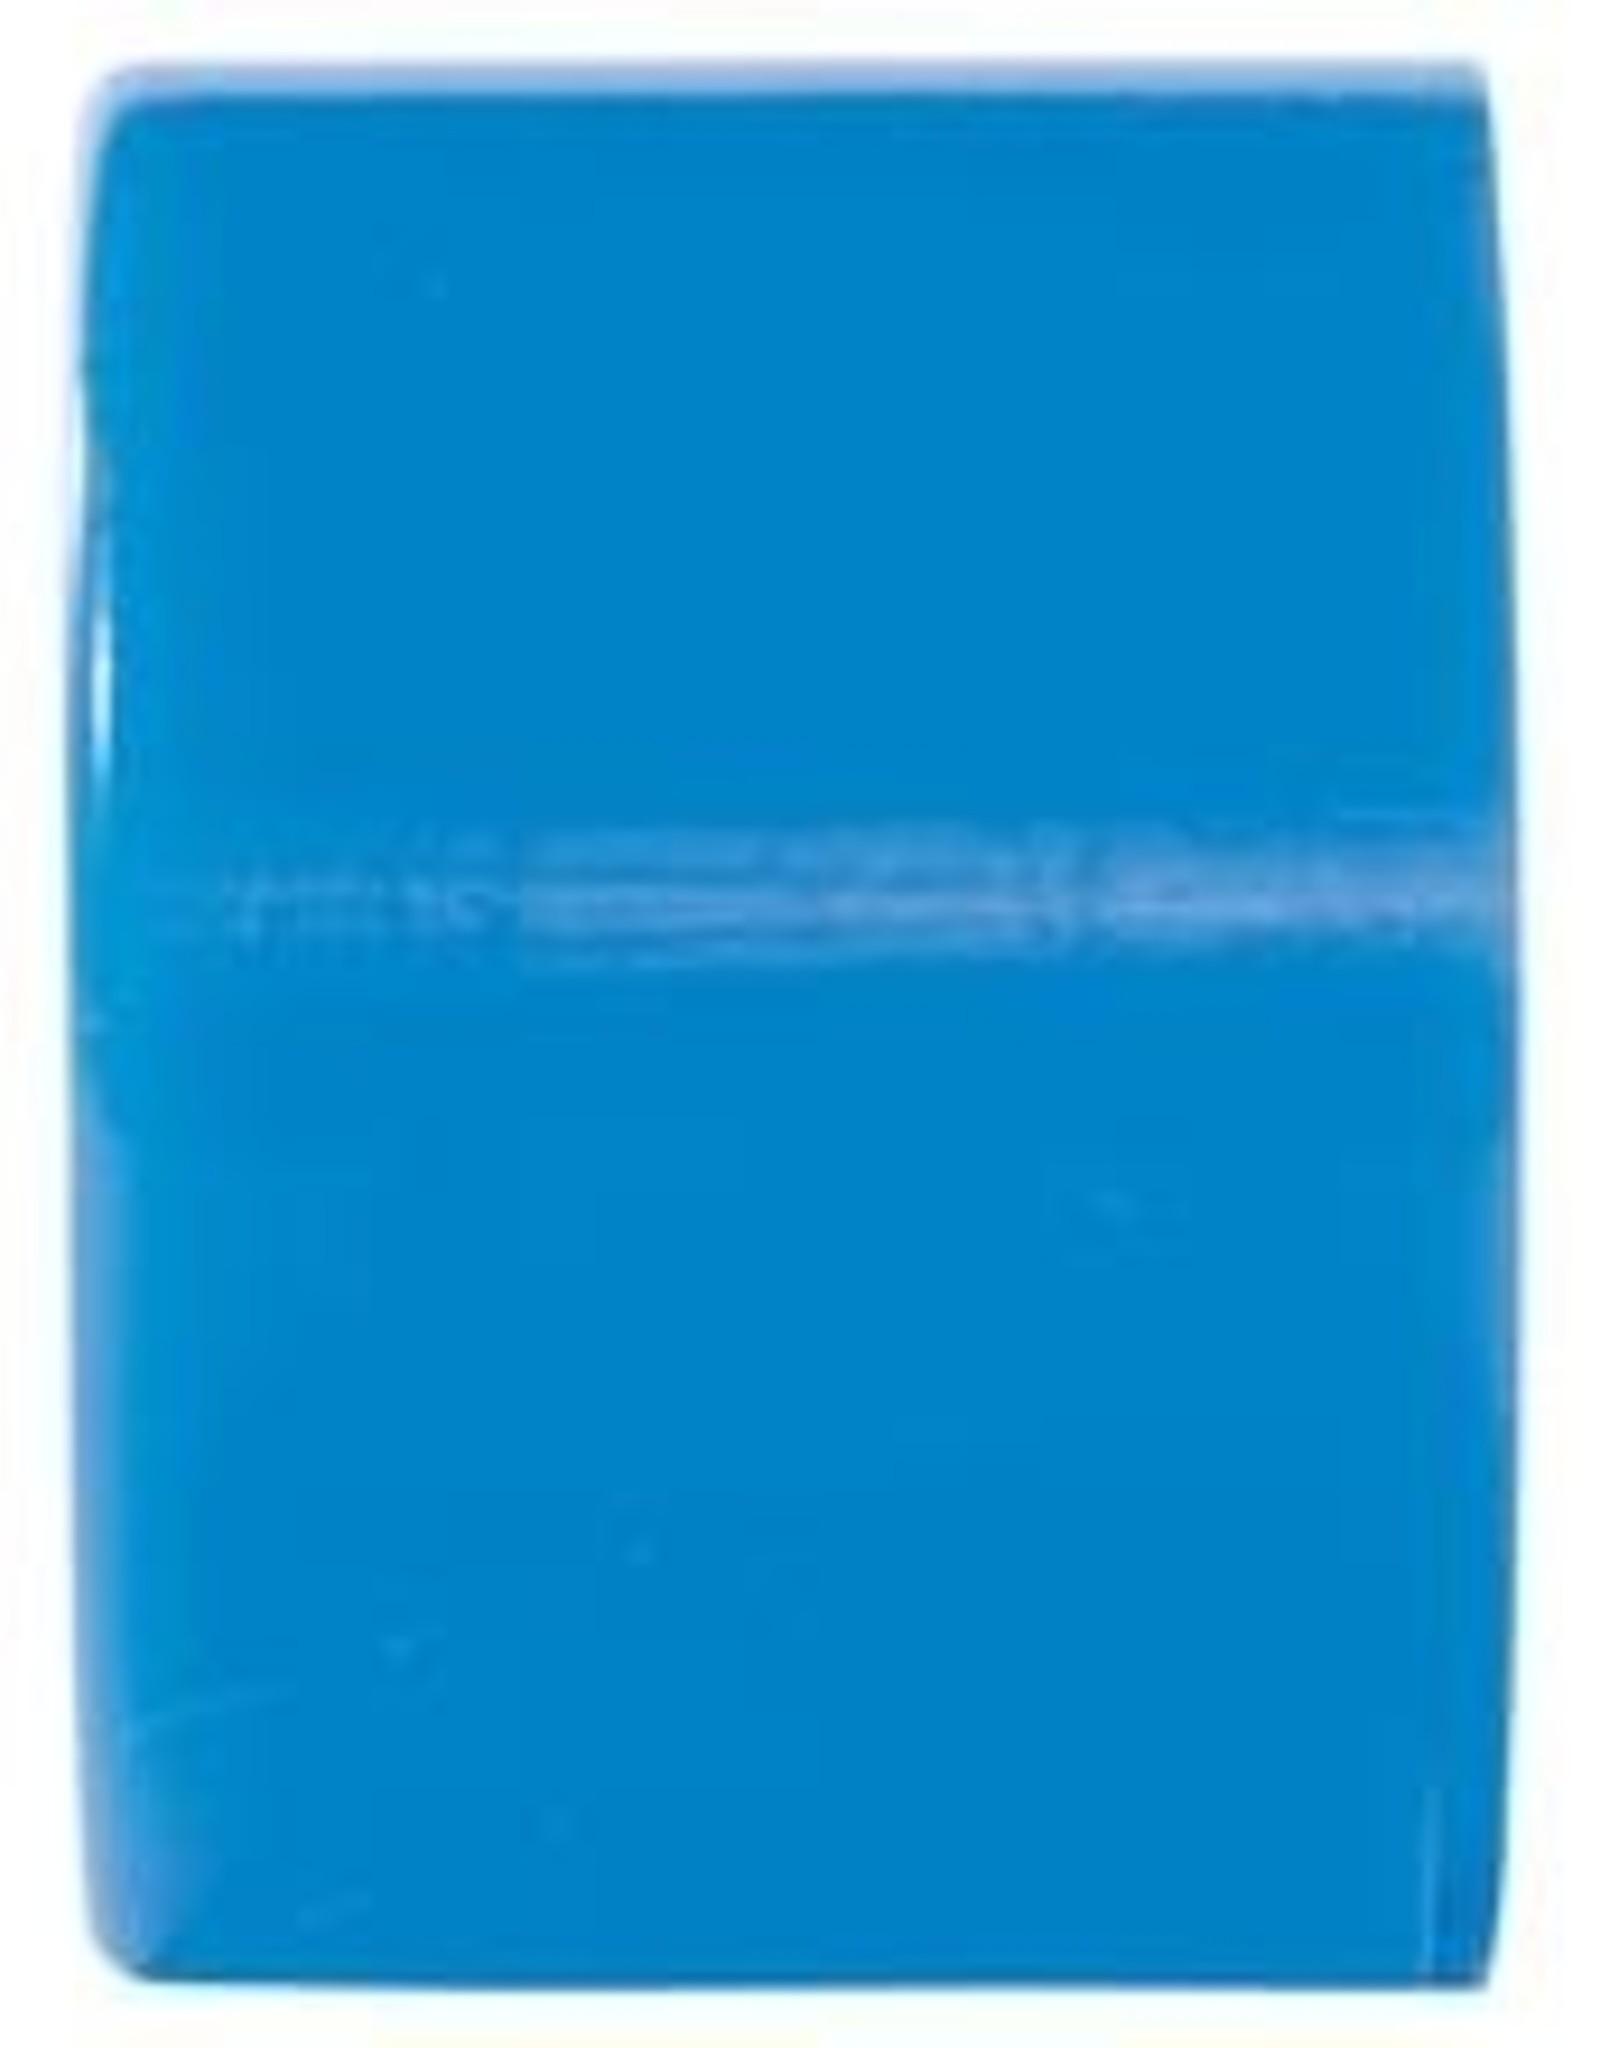 OJ'S OJS BLUES SUPER JUICE 78A 60mm